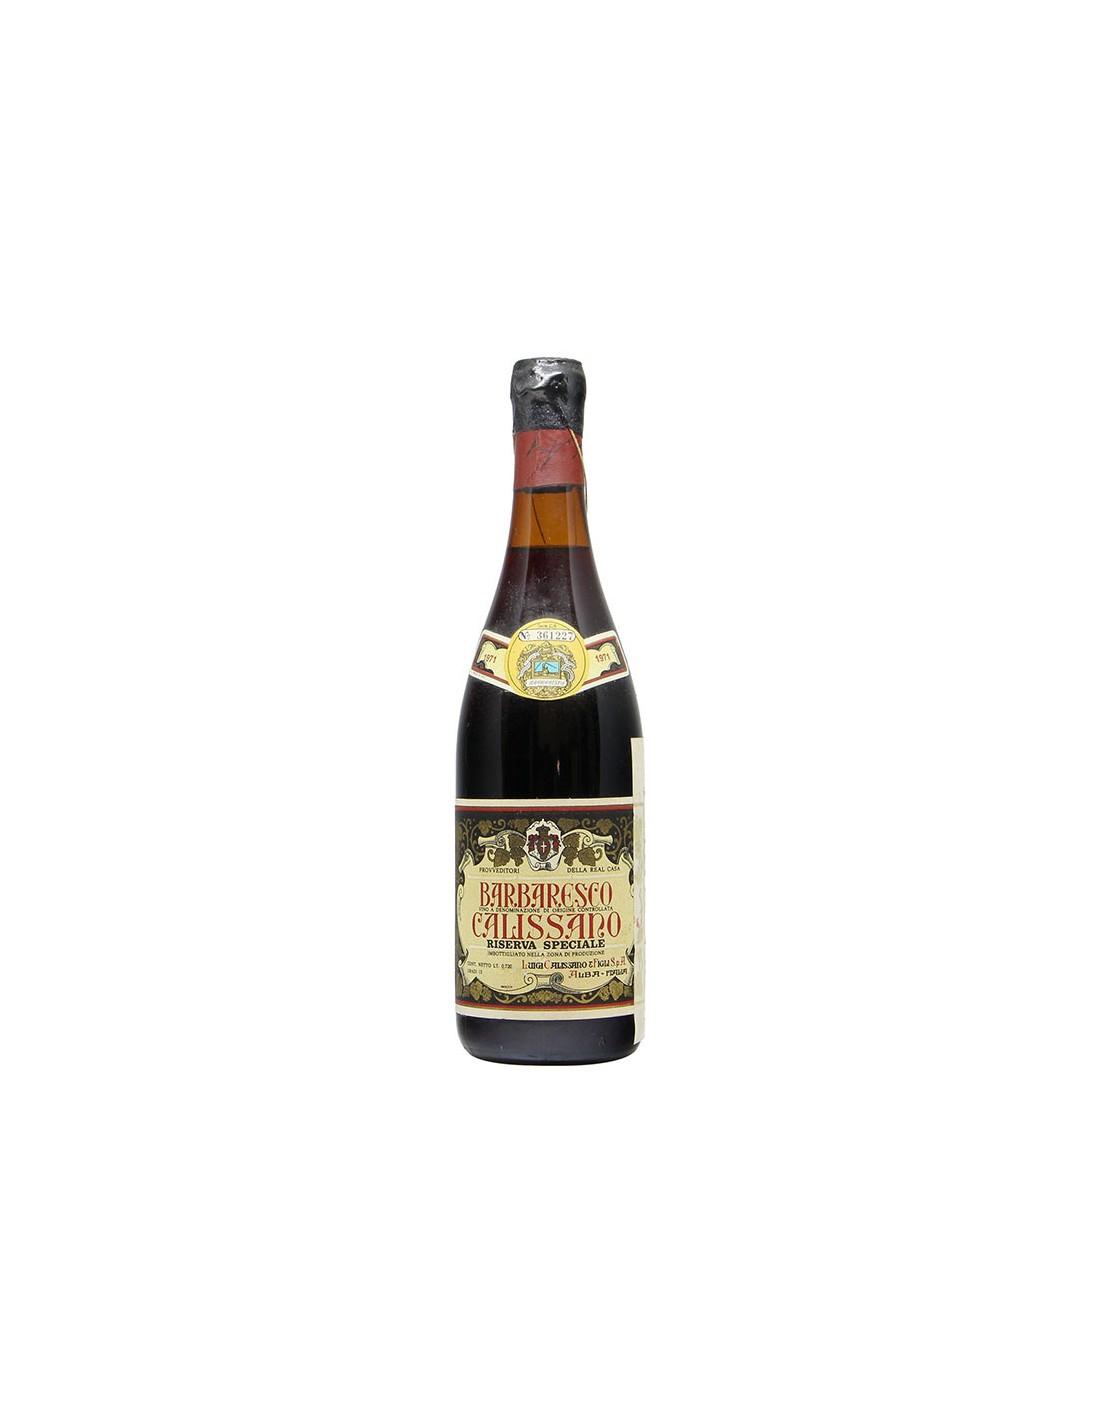 BARBARESCO RISERVA SPECIALE 1971 CALISSANO Grandi Bottiglie